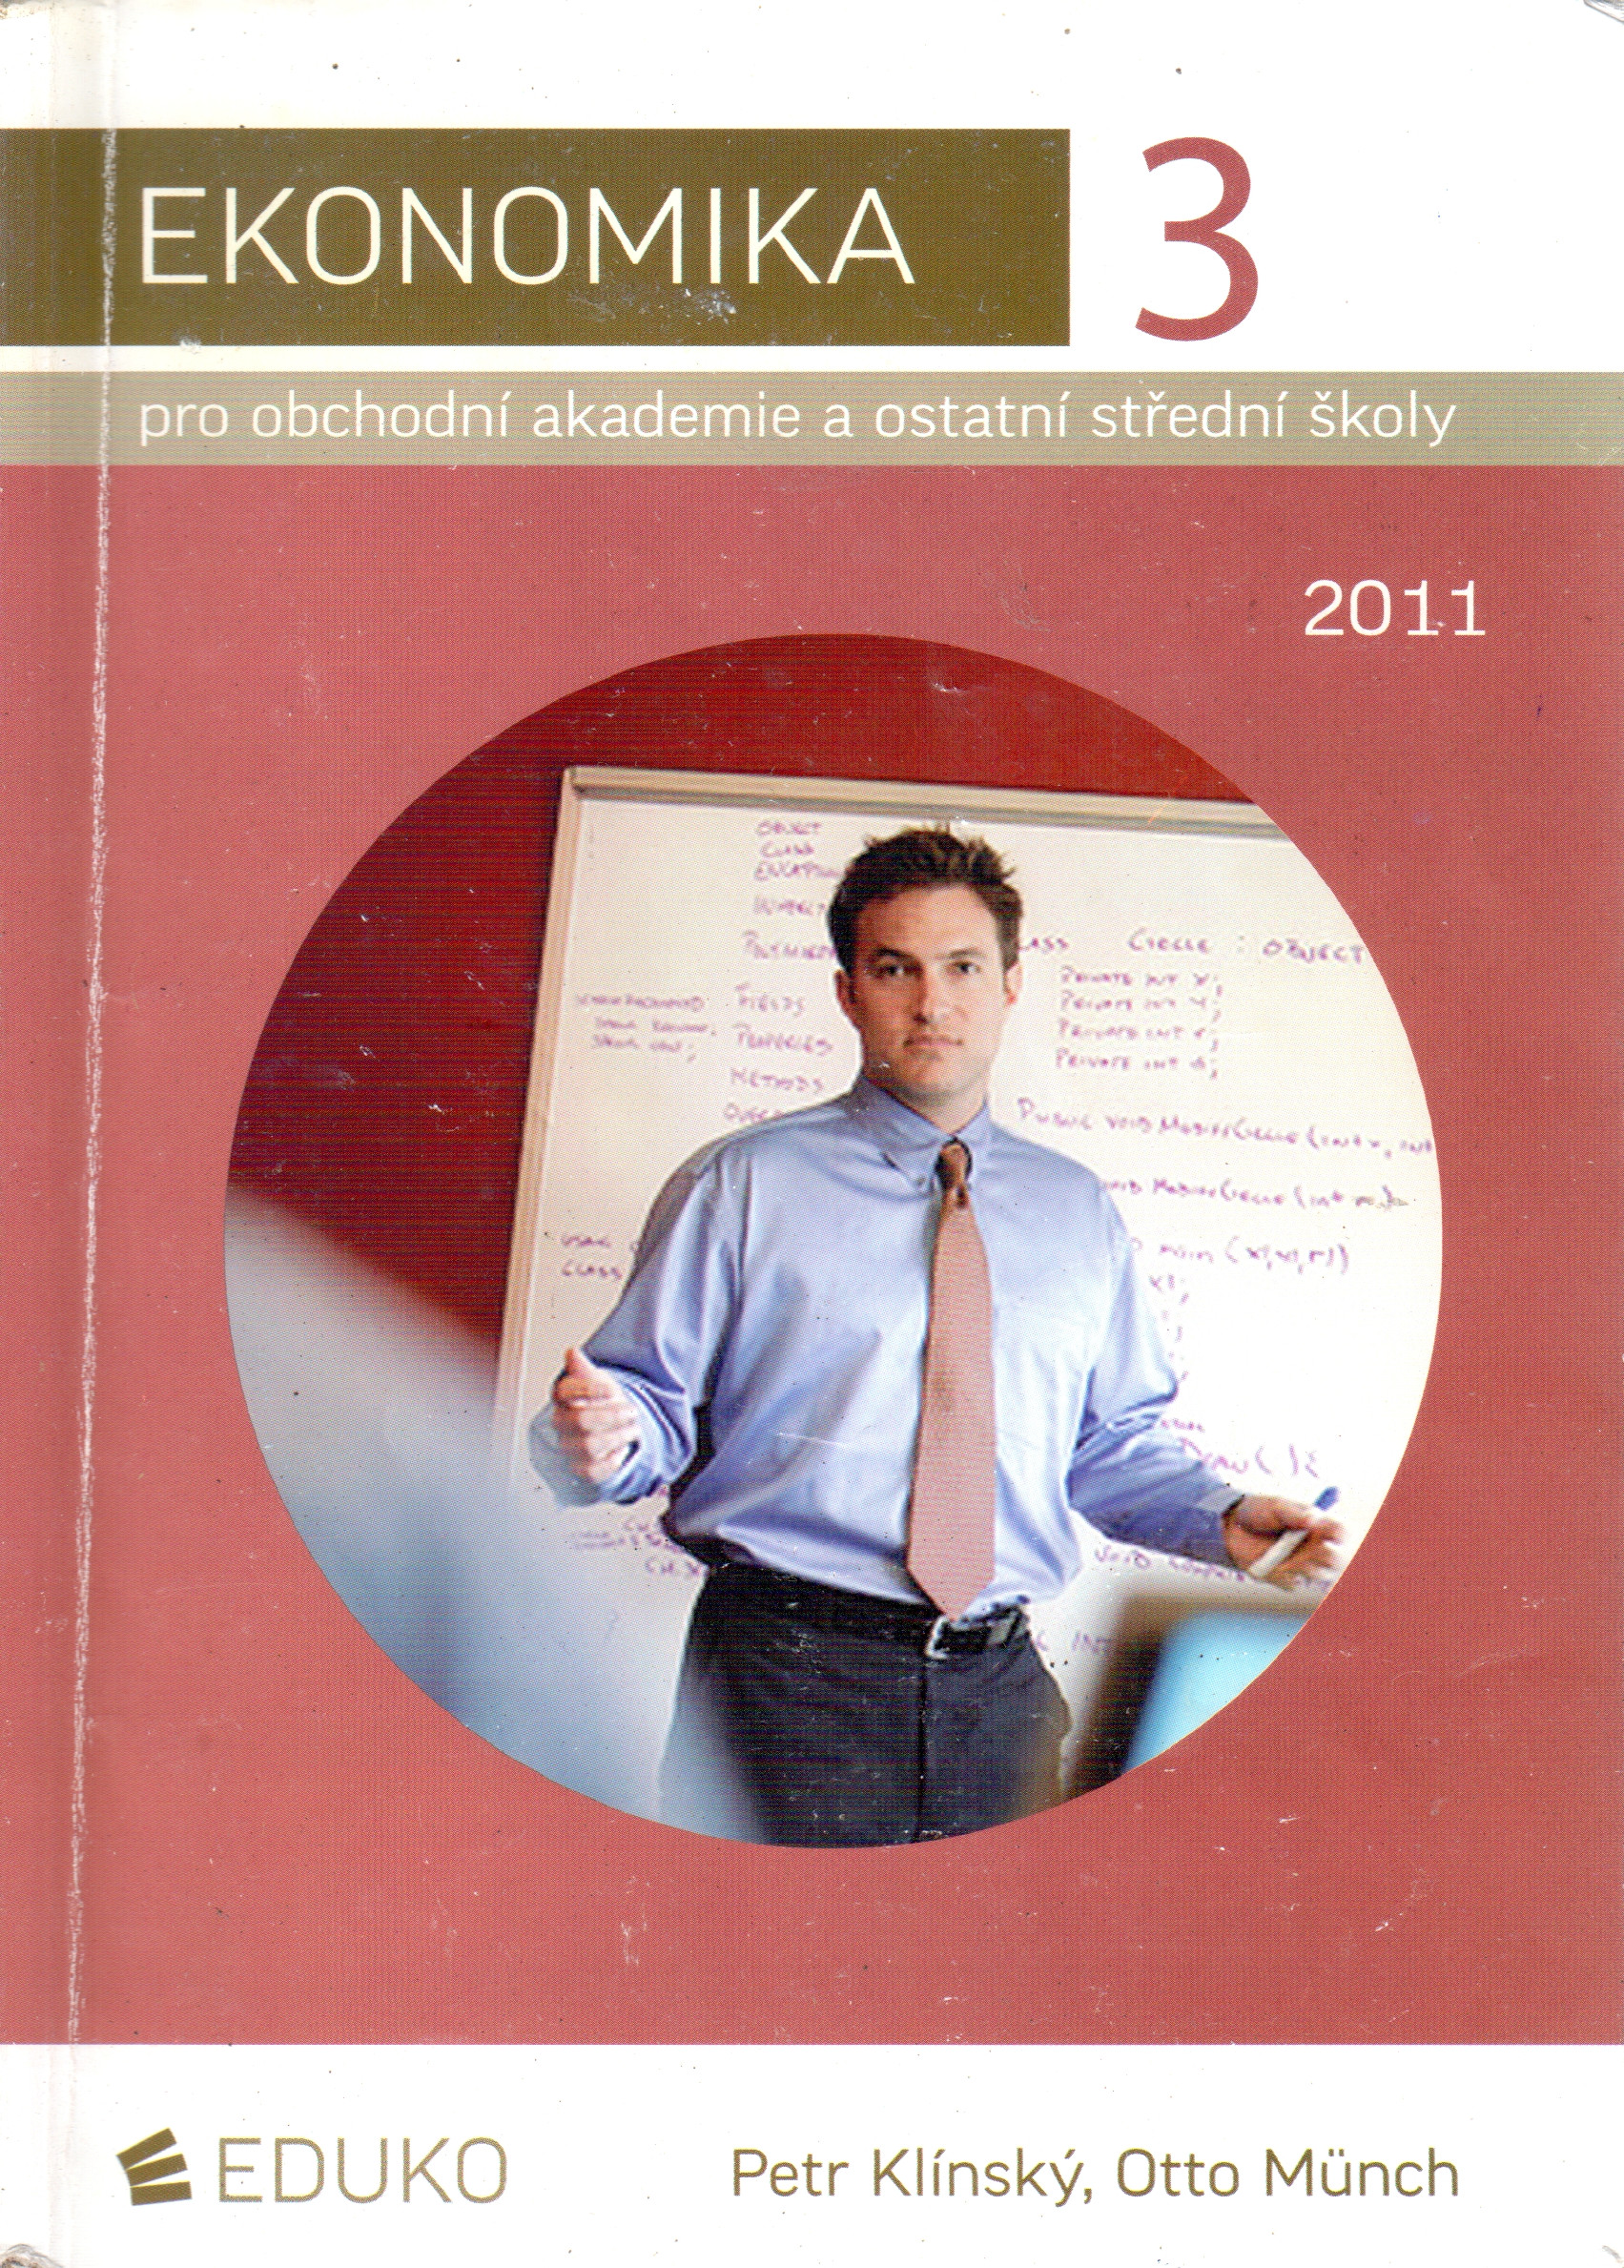 Ekonomika pro obchodní akademie a ostatní střední školy: 2011. 232 s - Náhled učebnice